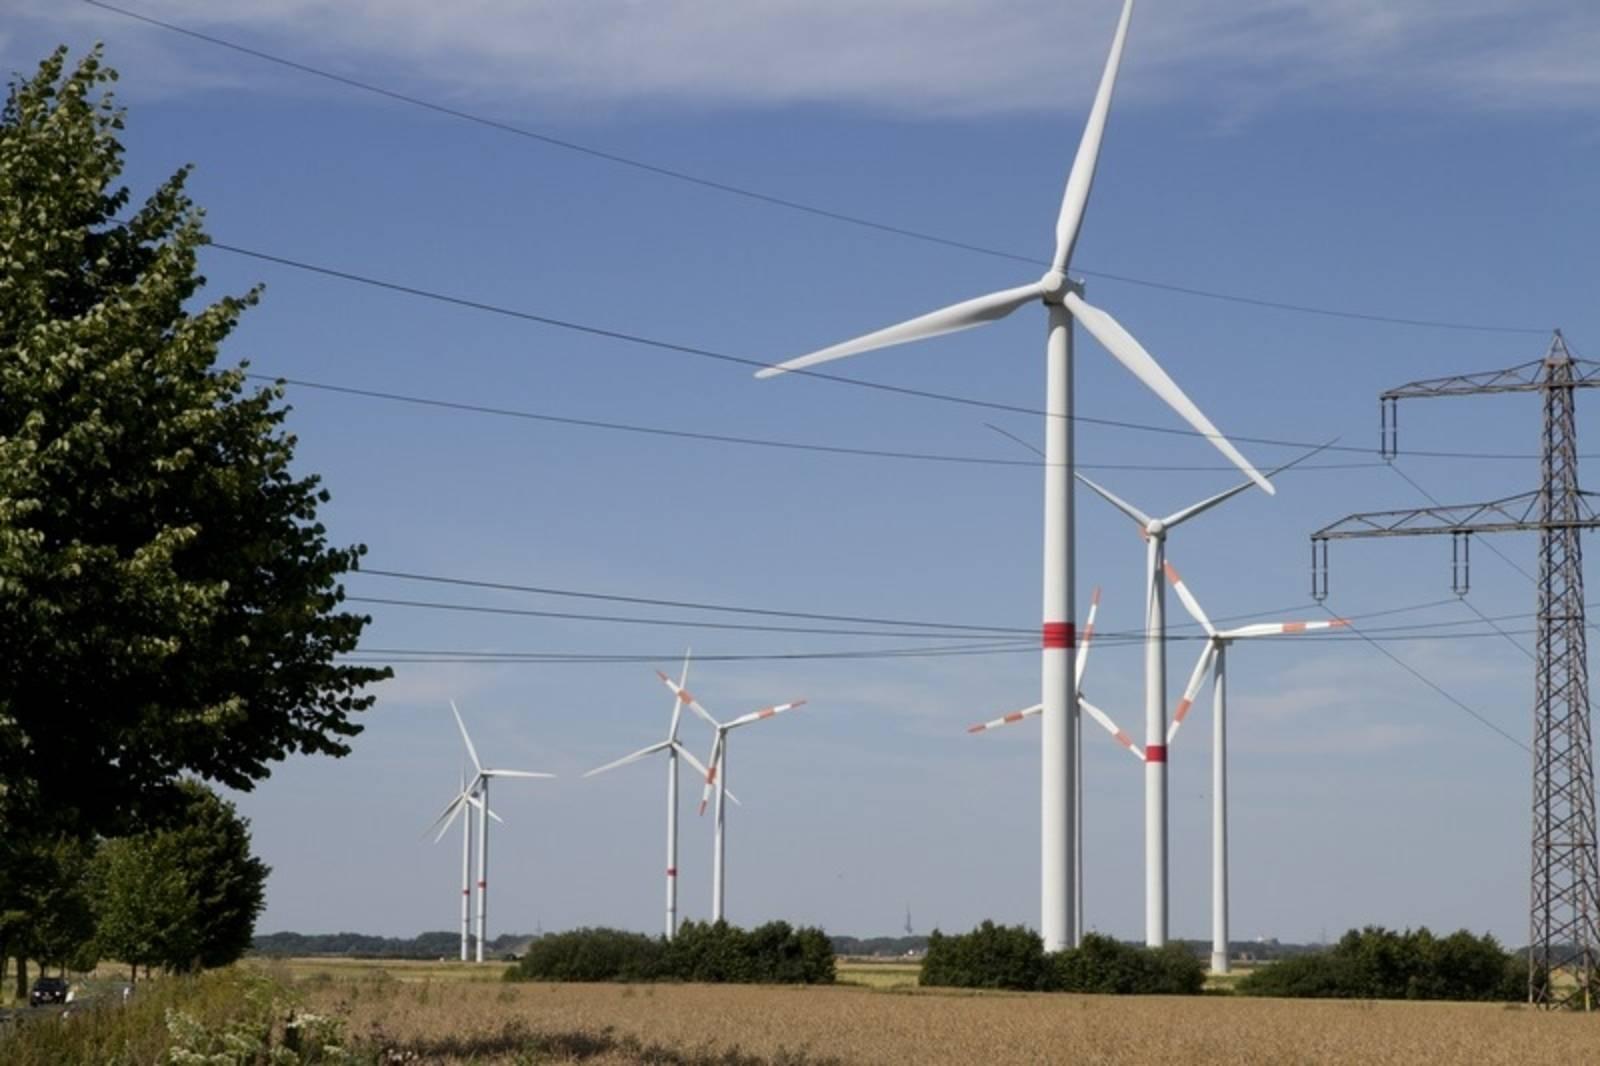 Landschaft mit Windräden und Stromtrasse.